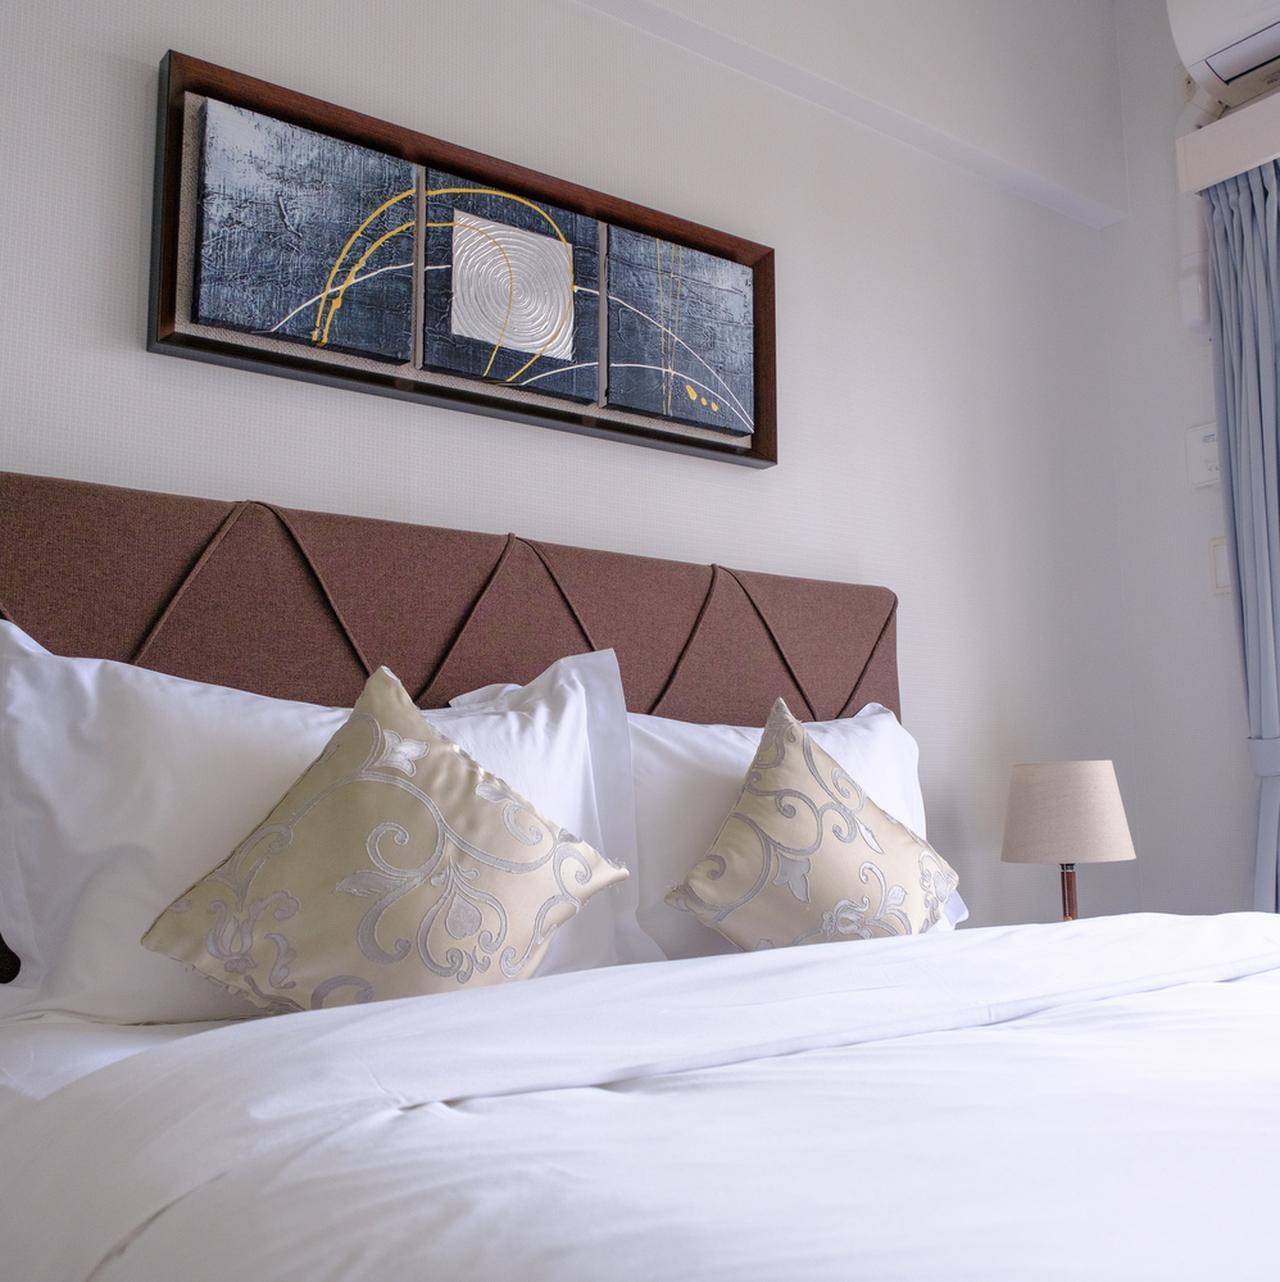 画像: さらりとしたシーツで寝心地もよく、これなら長期滞在でも安心です。